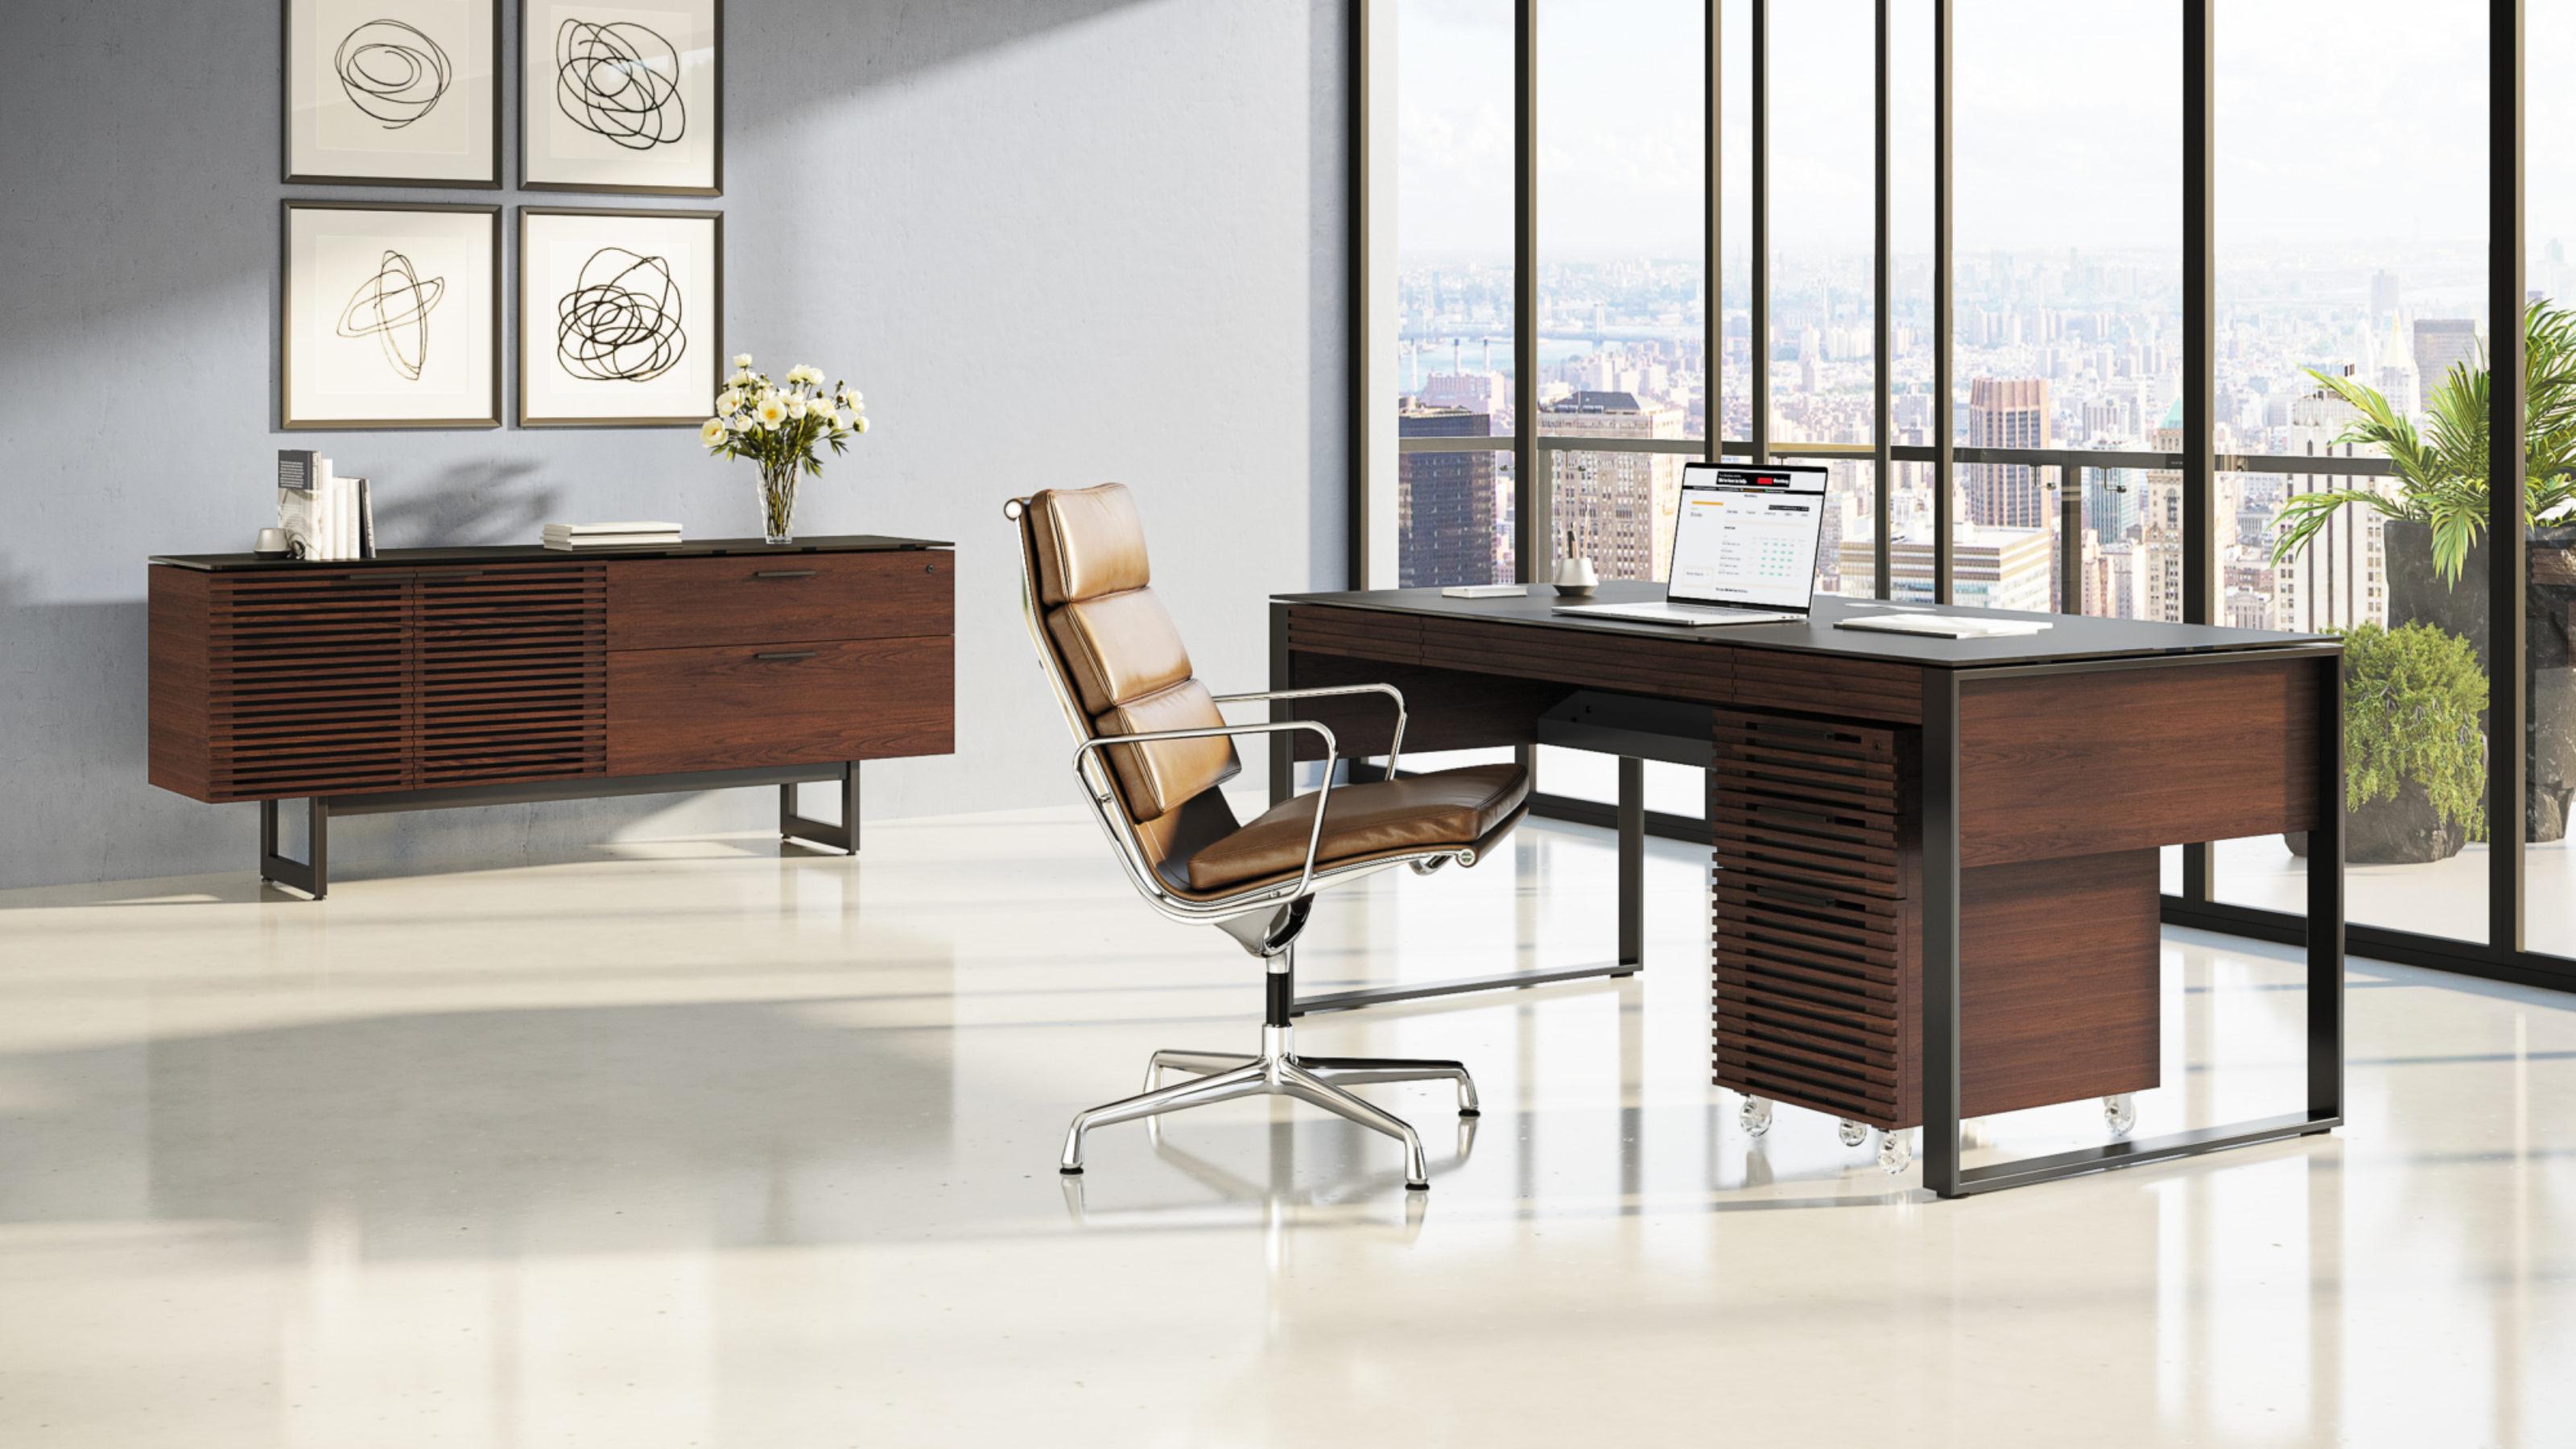 Corridor 6521 Modern Executive Office Desk Bdi Furniture